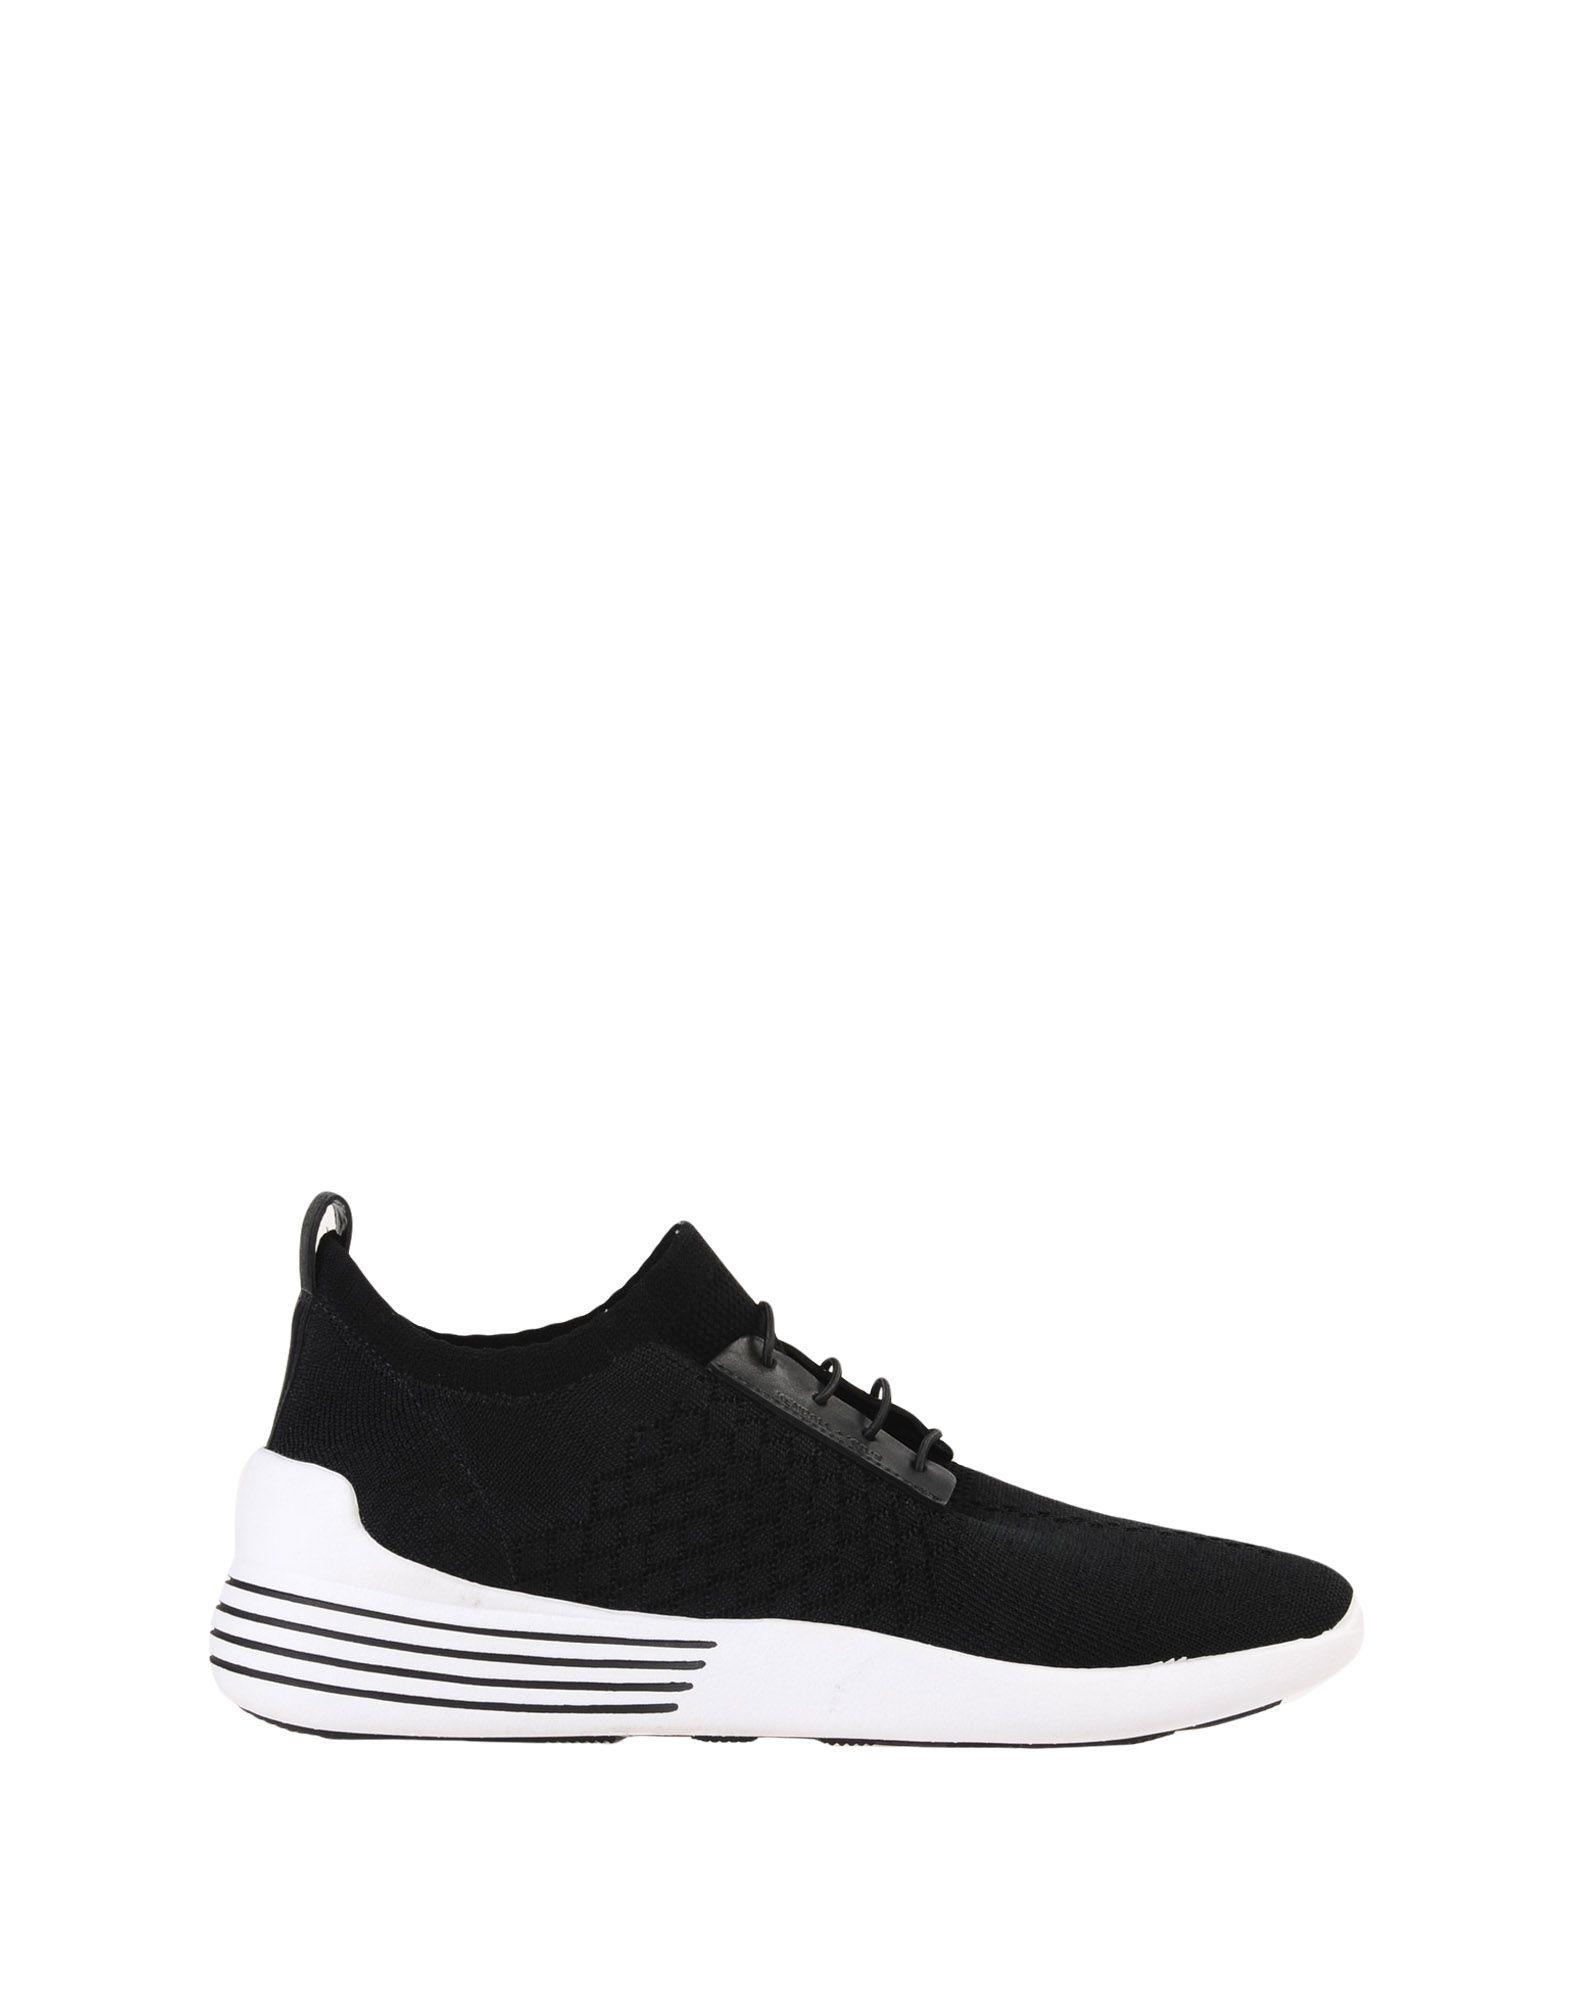 Sneakers Kendall + Kylie Kkbrandy5 - Femme - Sneakers Kendall + Kylie sur